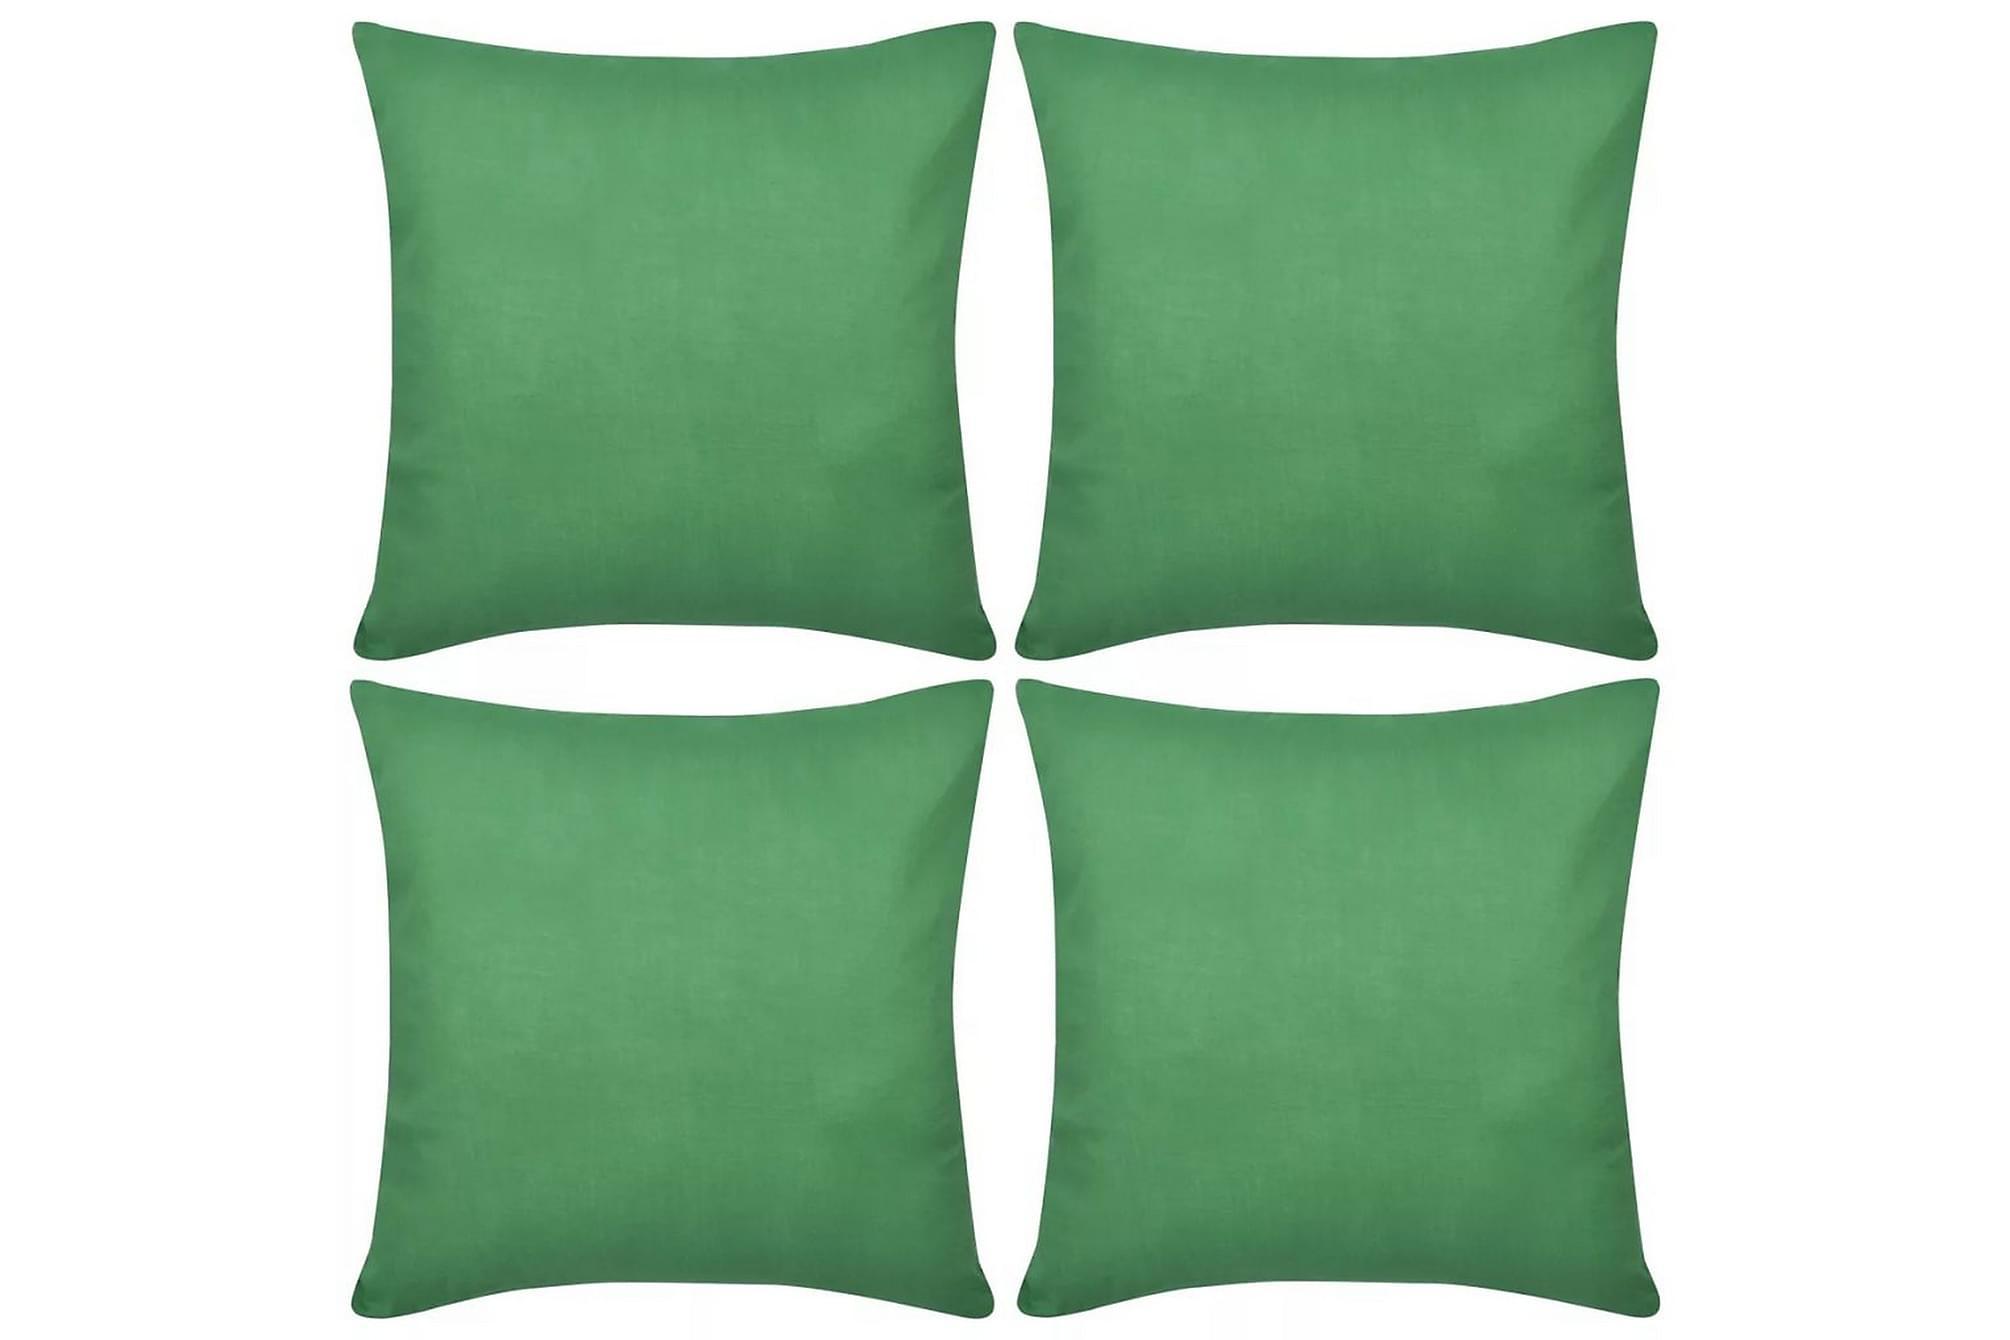 4 Kuddöverdrag i bomull gröna 50 x 50 cm, Prydnadskuddar & filtar